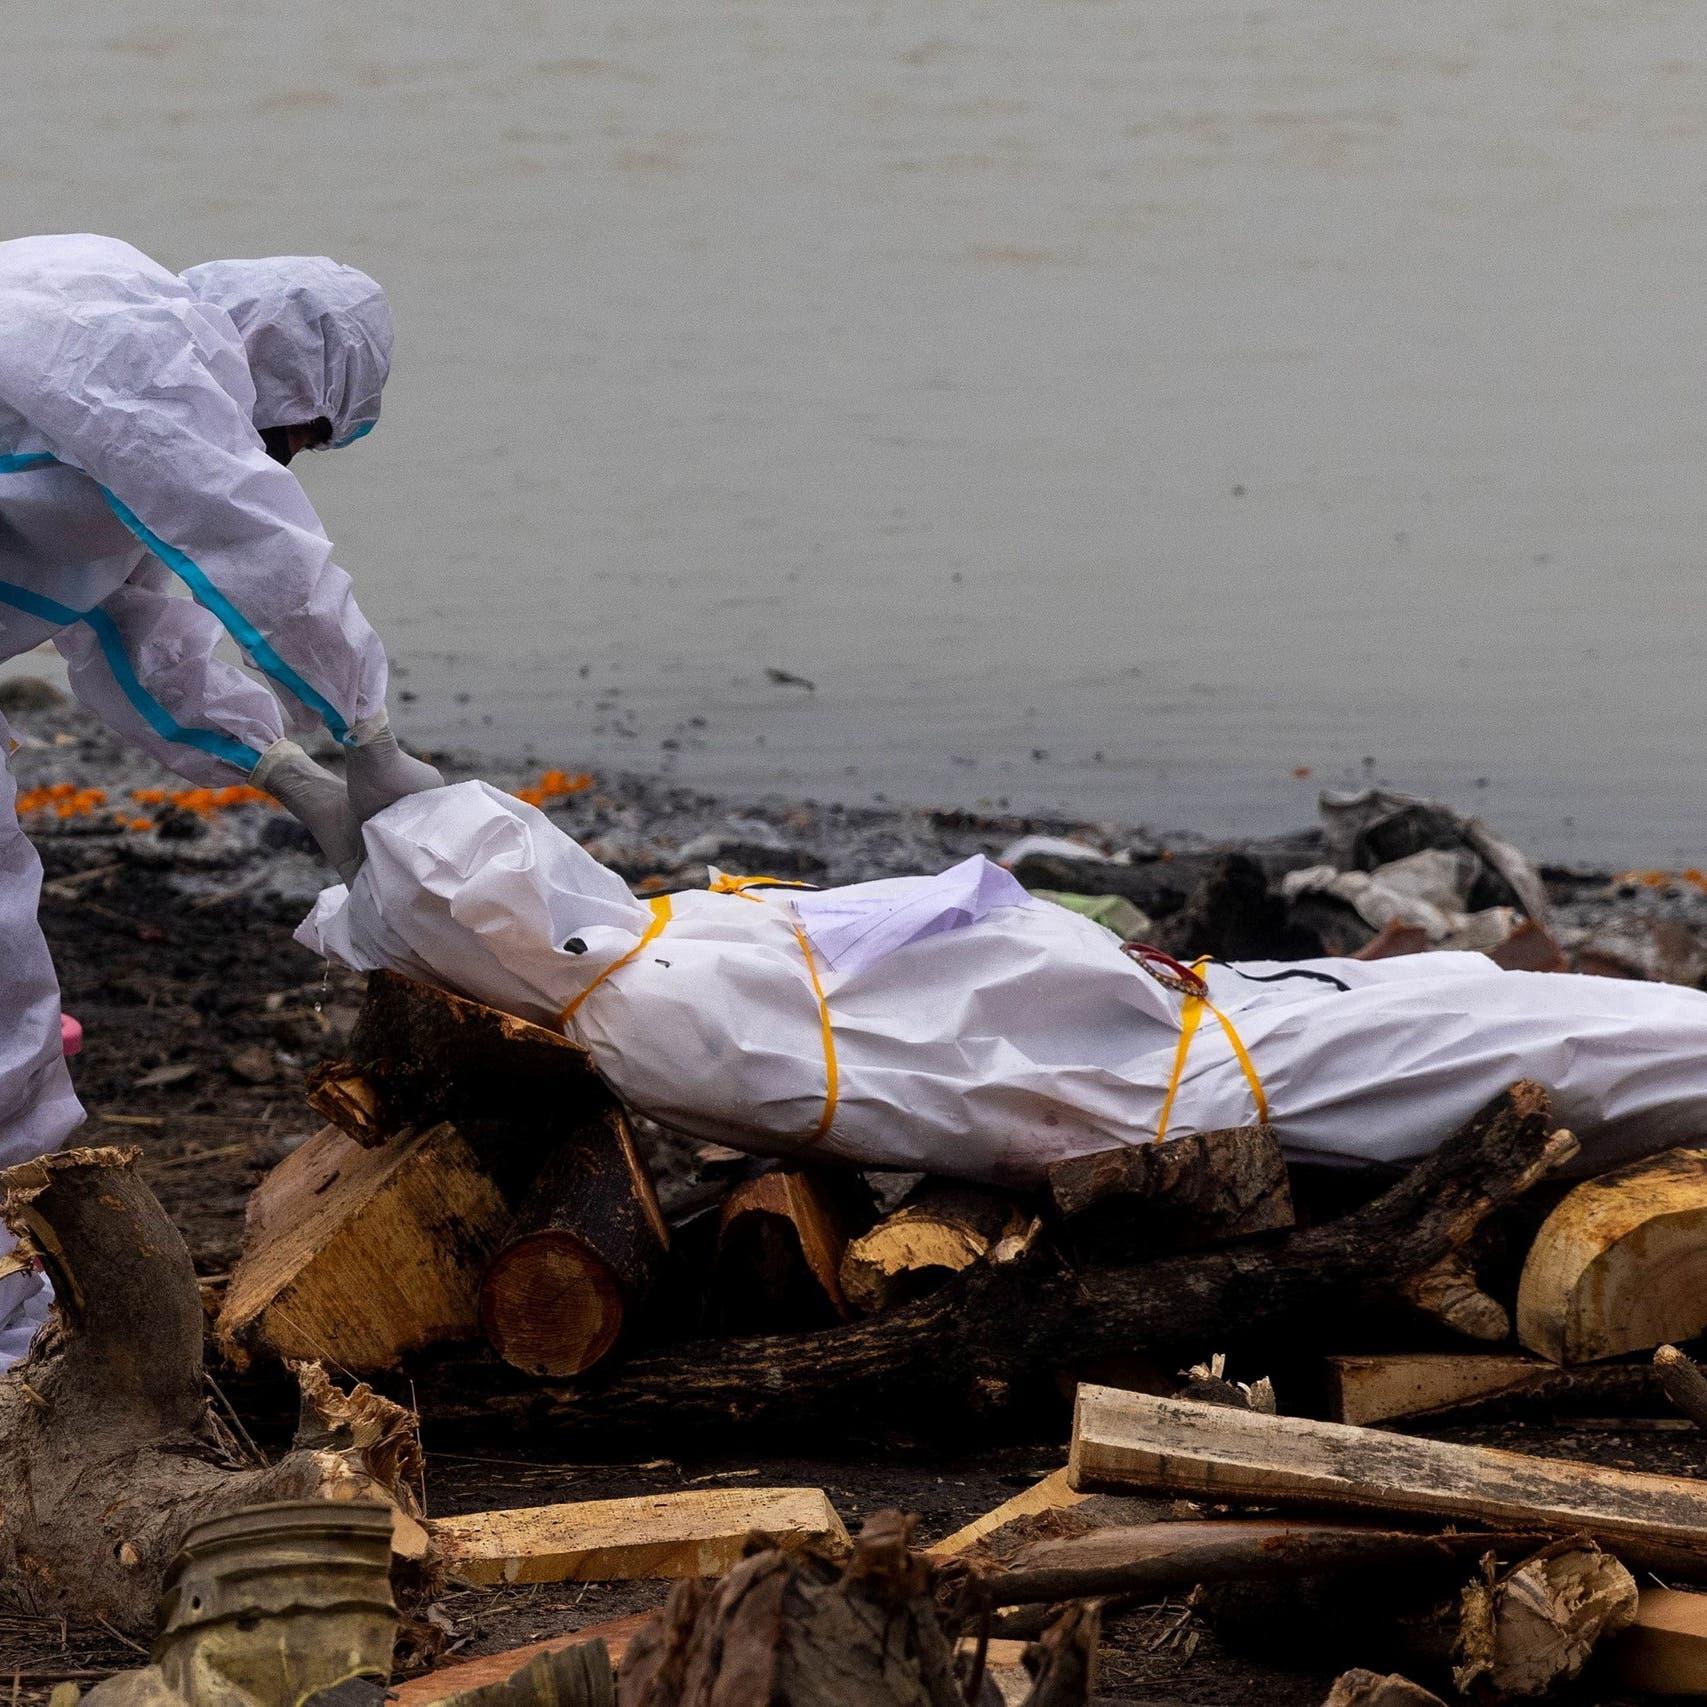 الهند.. وثيقة حكومية تقر بإلقاء جثث ضحايا كورونا بالأنهار